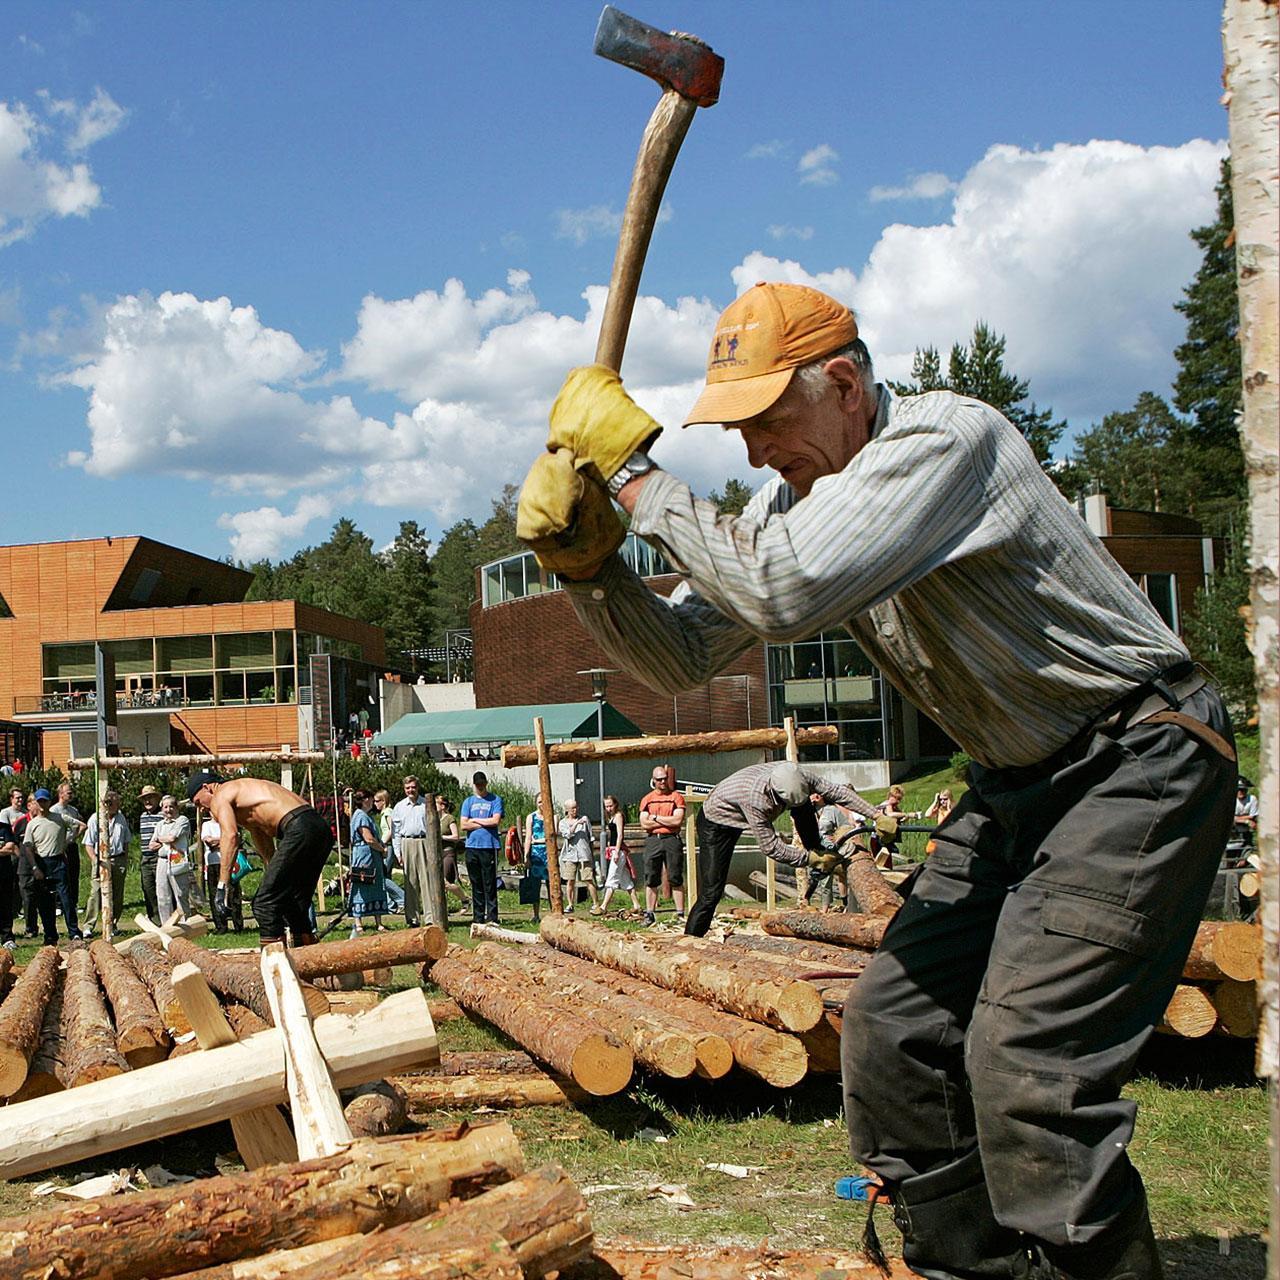 Ikämies hakkaa kirveellä puita Luston pihalla.